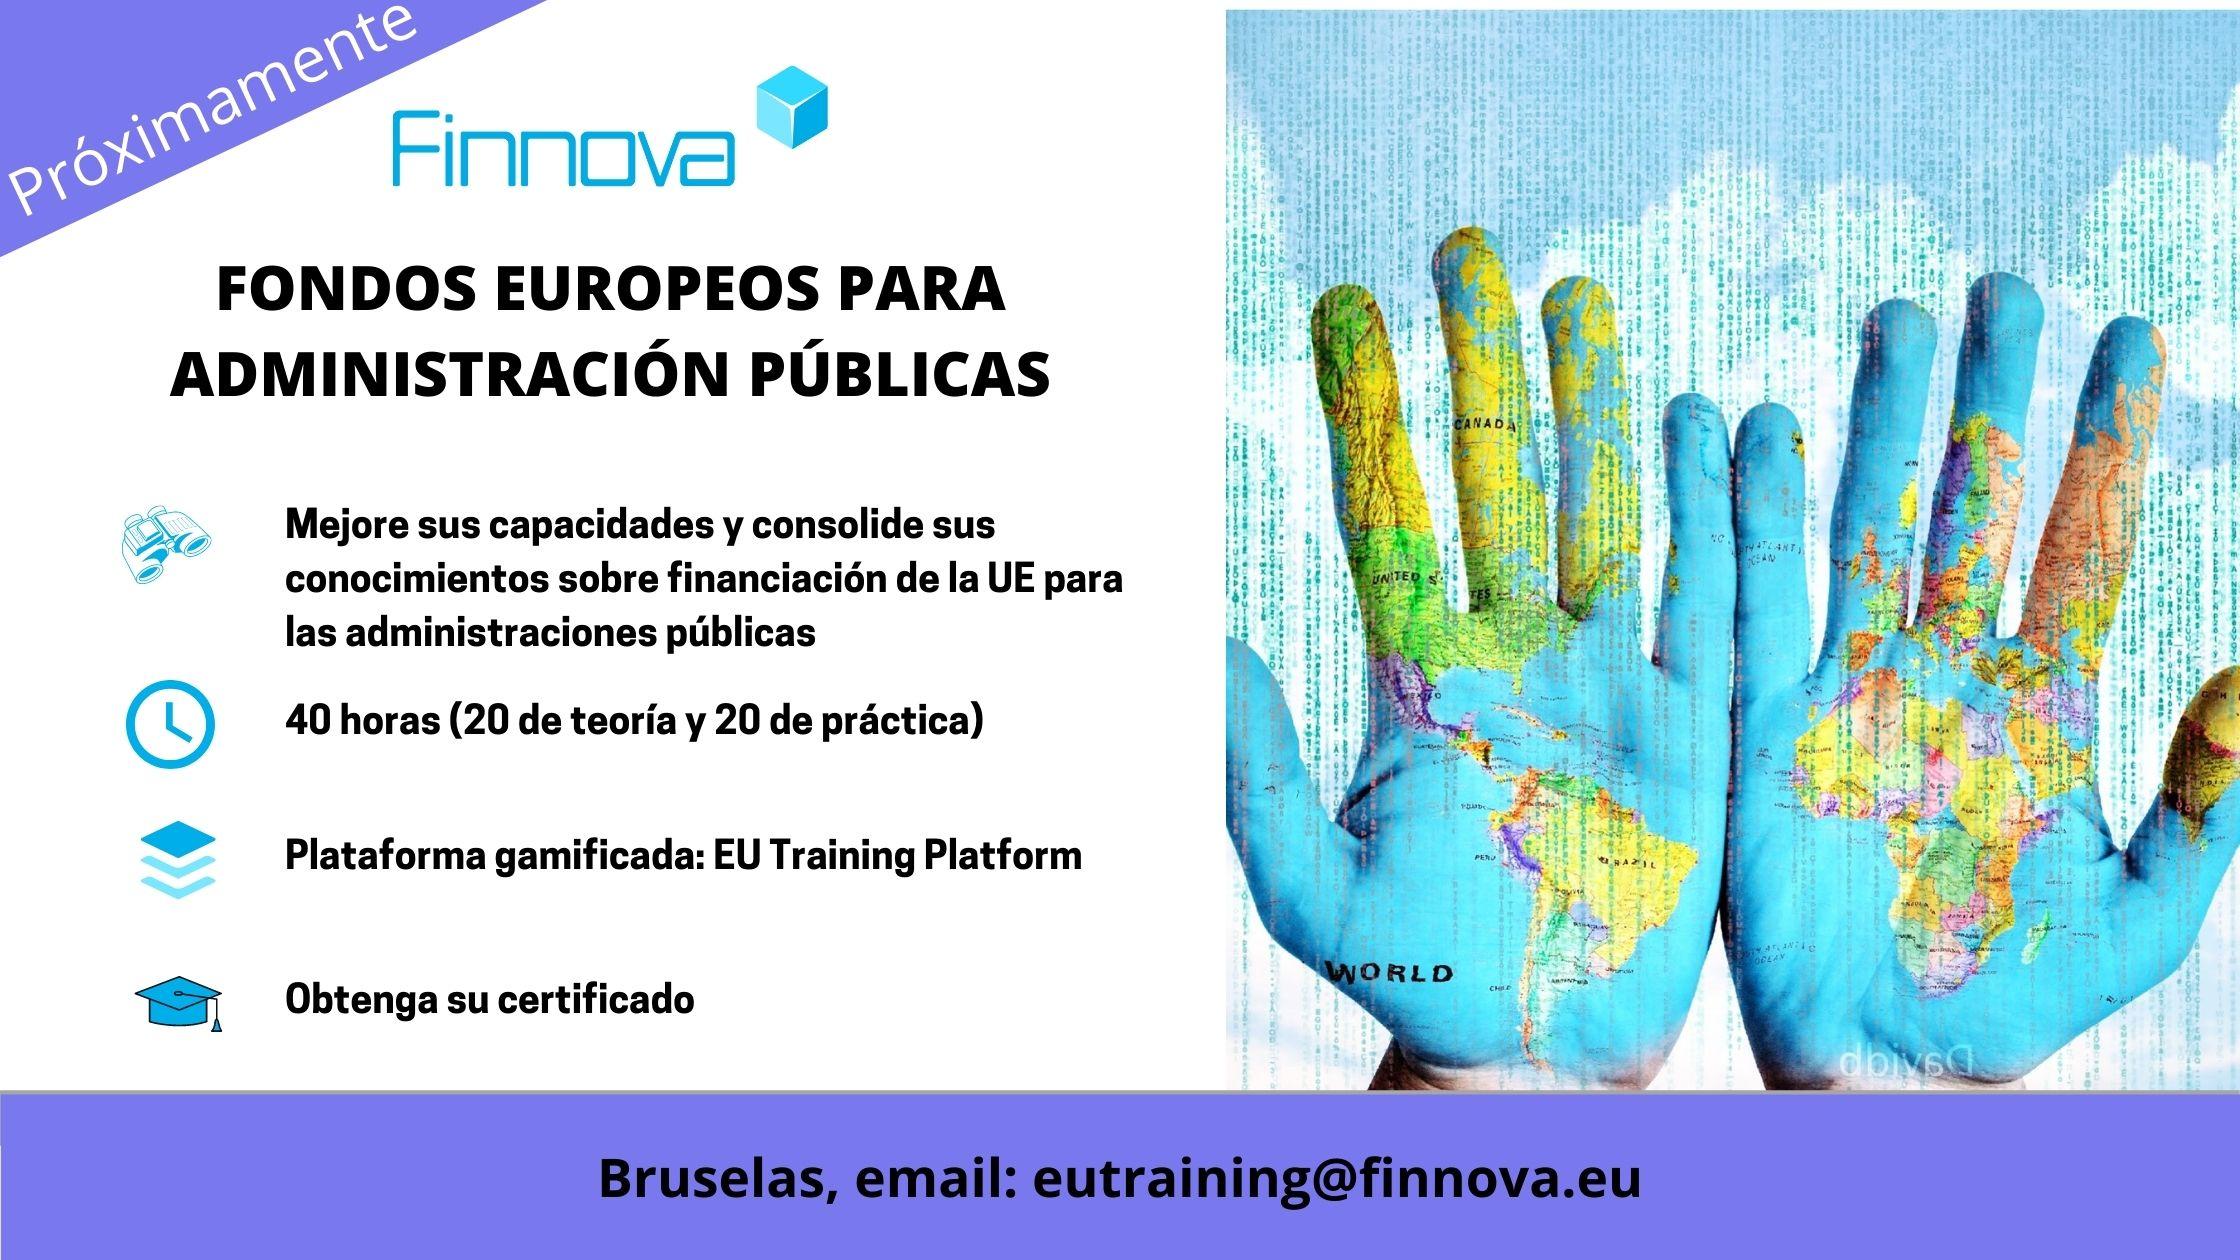 FONDOS EUROPEOS PARA ADMINISTRACIÓN PÚBLICAS